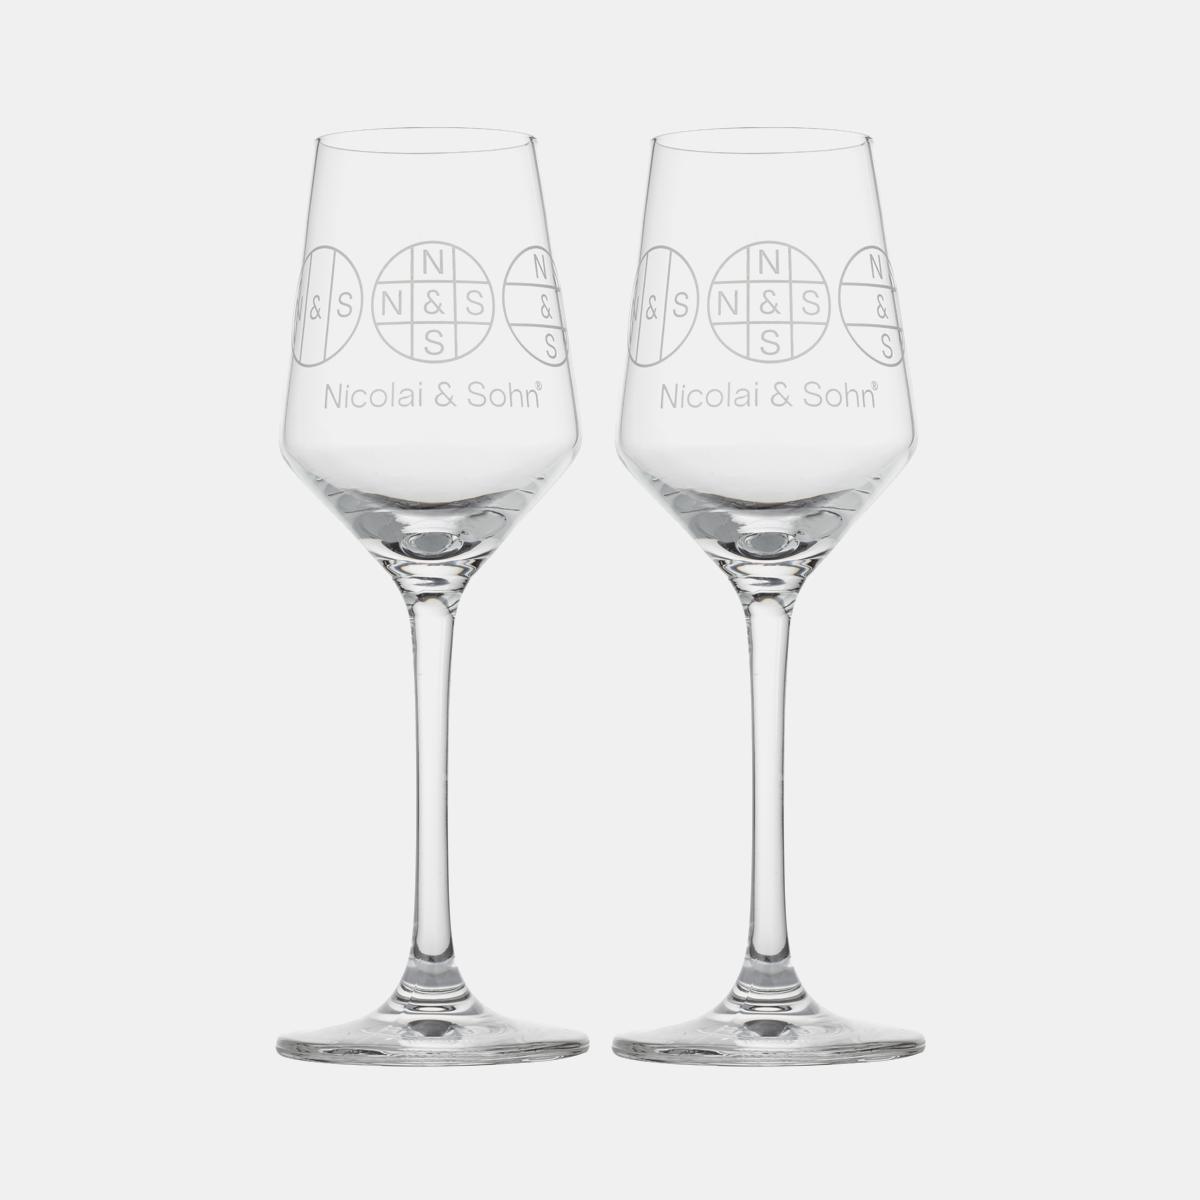 Nosing Glas für Singe Malt Whisky